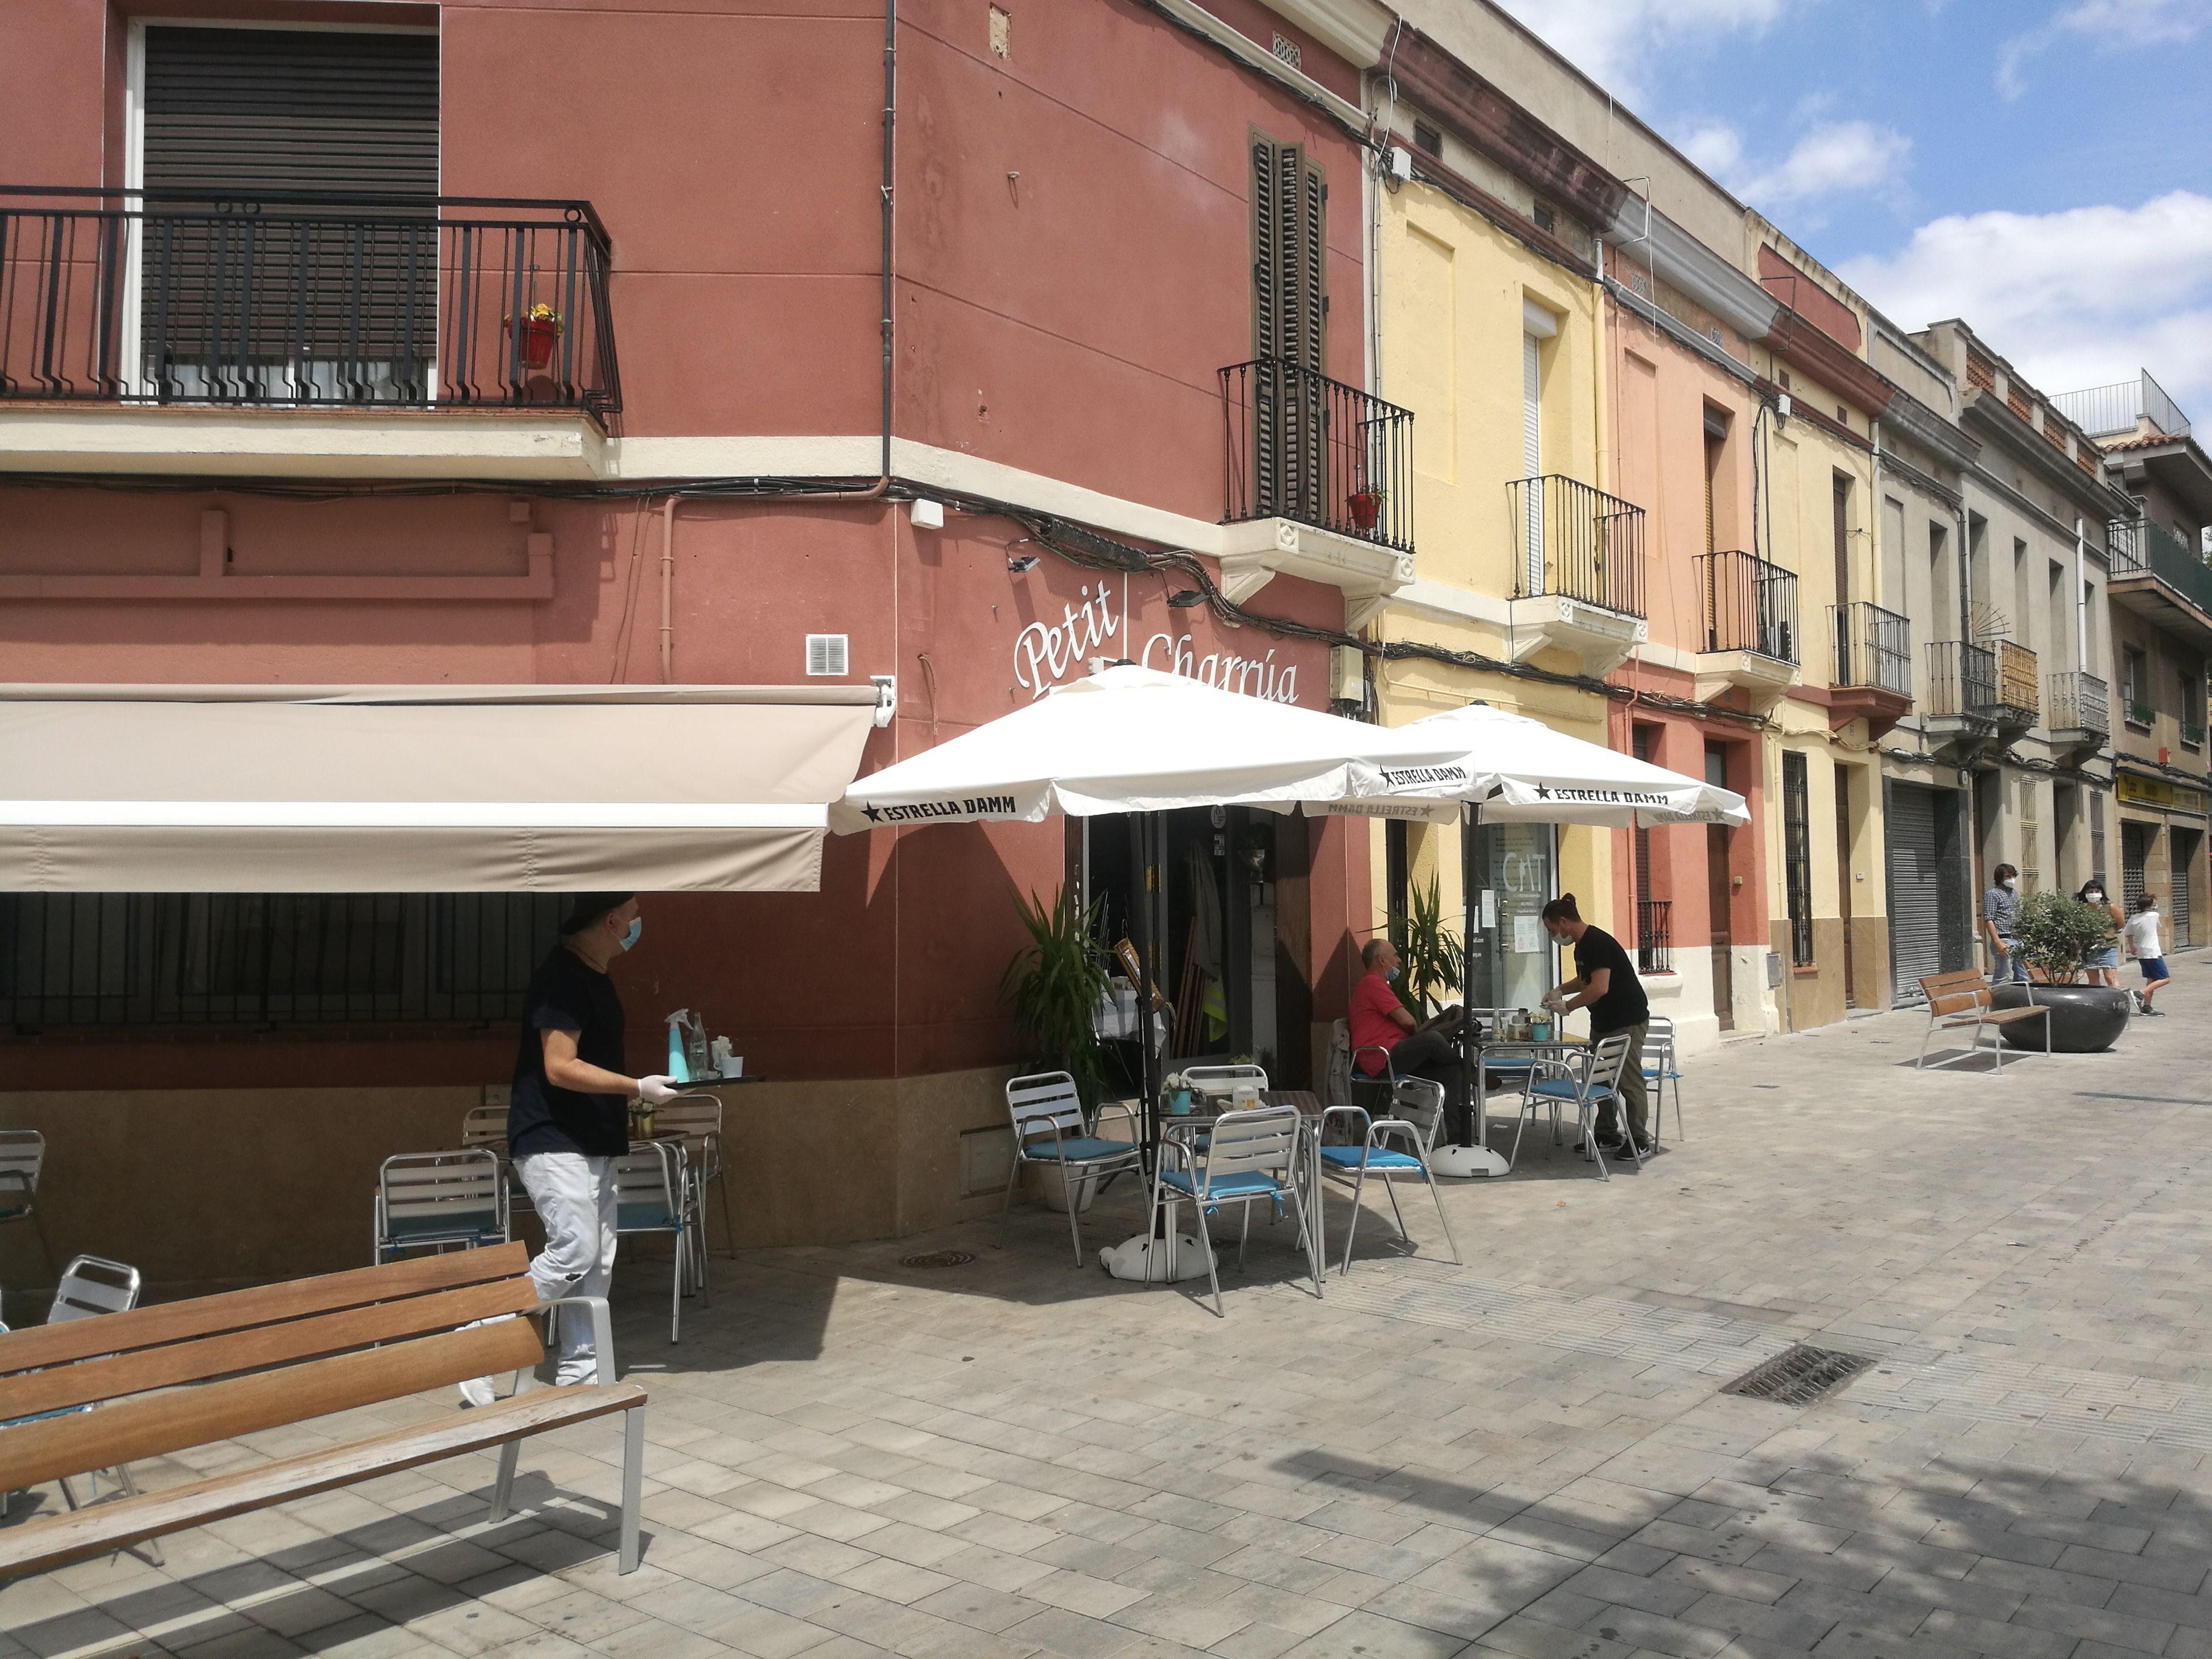 El Govern endarrereix el tancament de bars i restaurants a l'espera de la decisió judicial. FOTO: N.Hueso